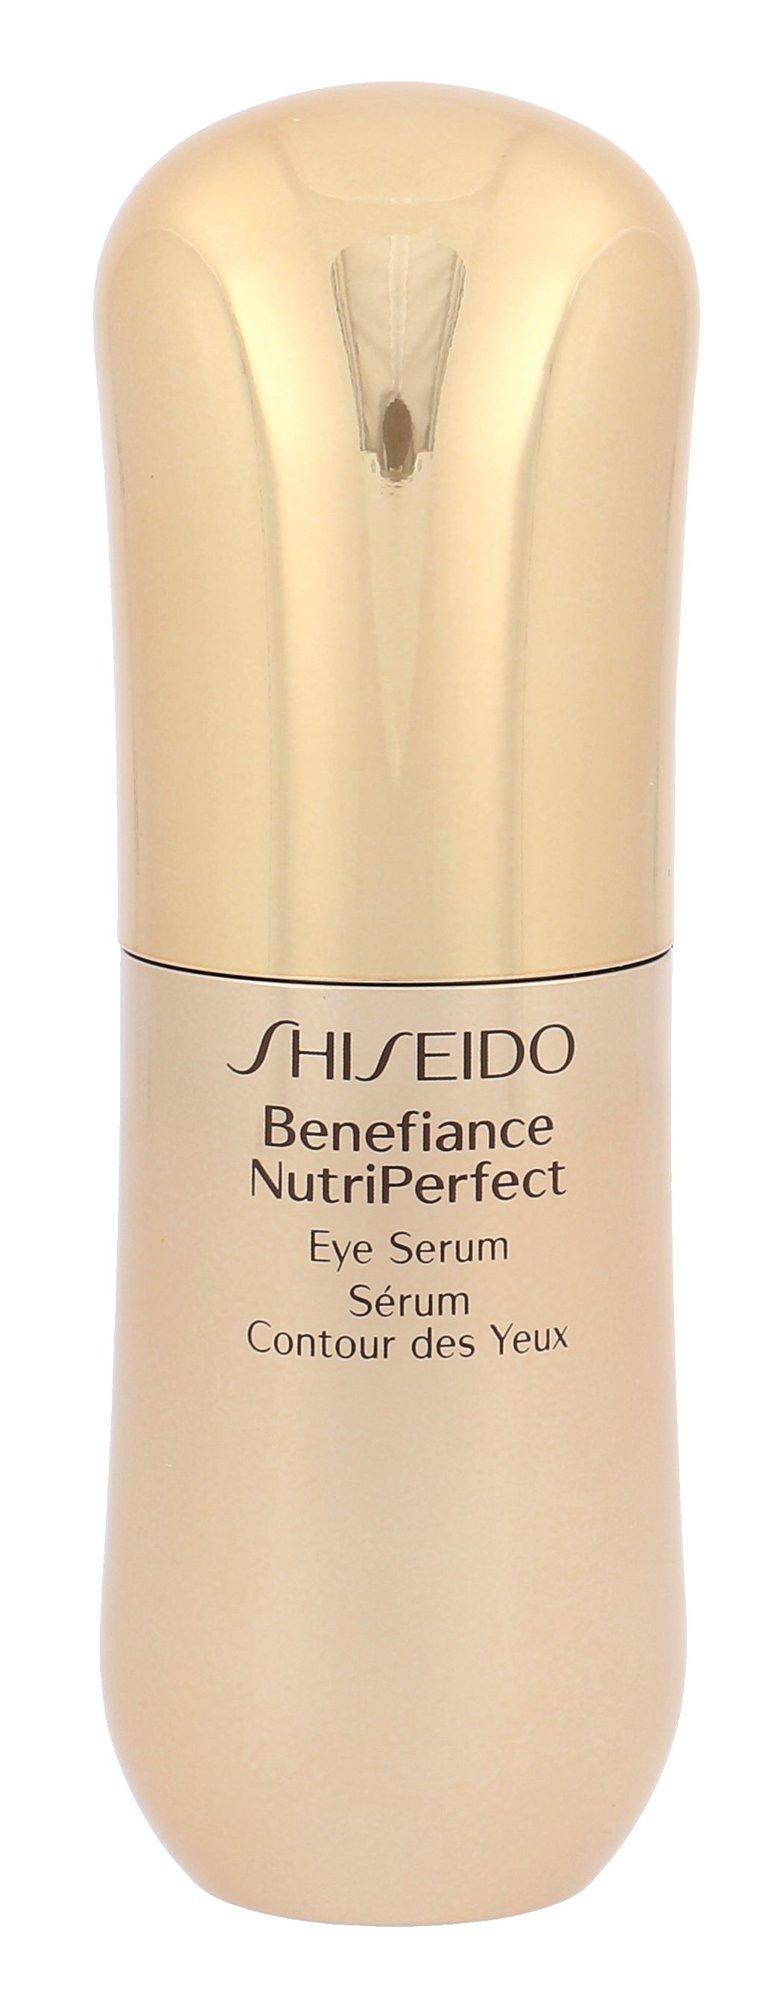 Shiseido BENEFIANCE NutriPerfect Eye Serum Cosmetic 15ml